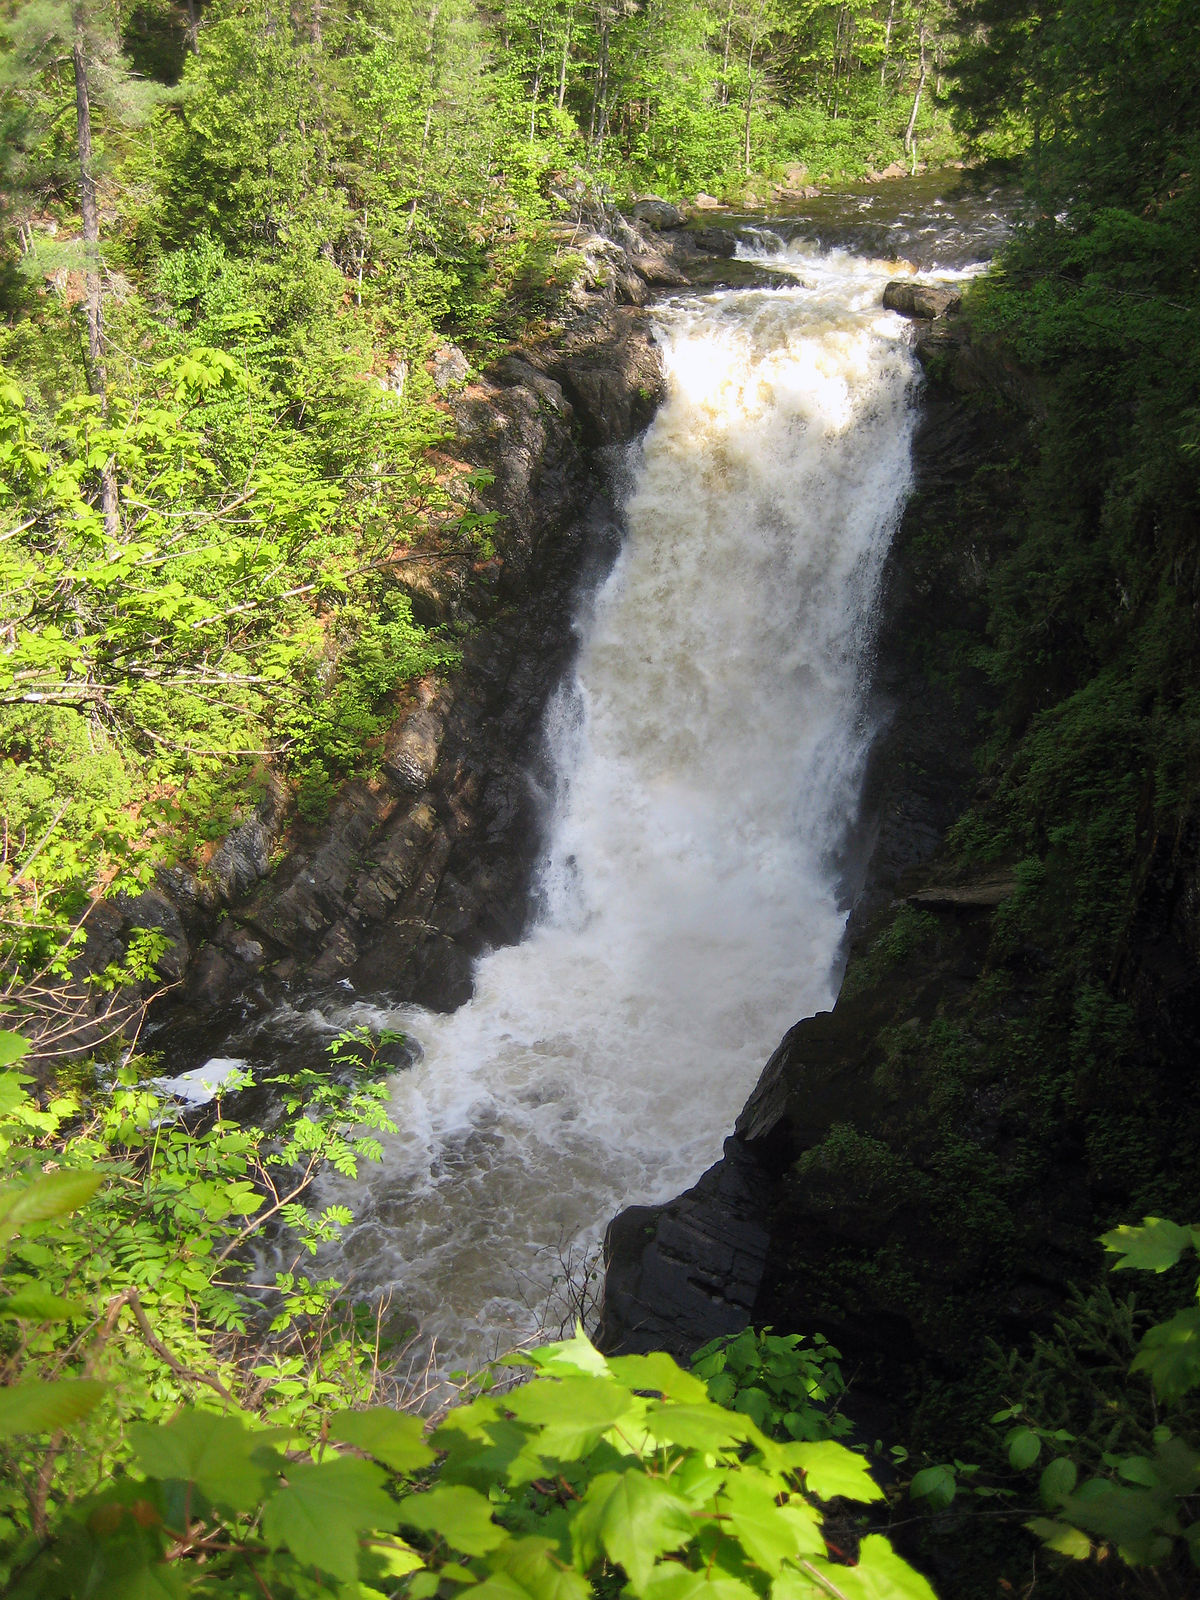 Moxie Falls Wikipedia